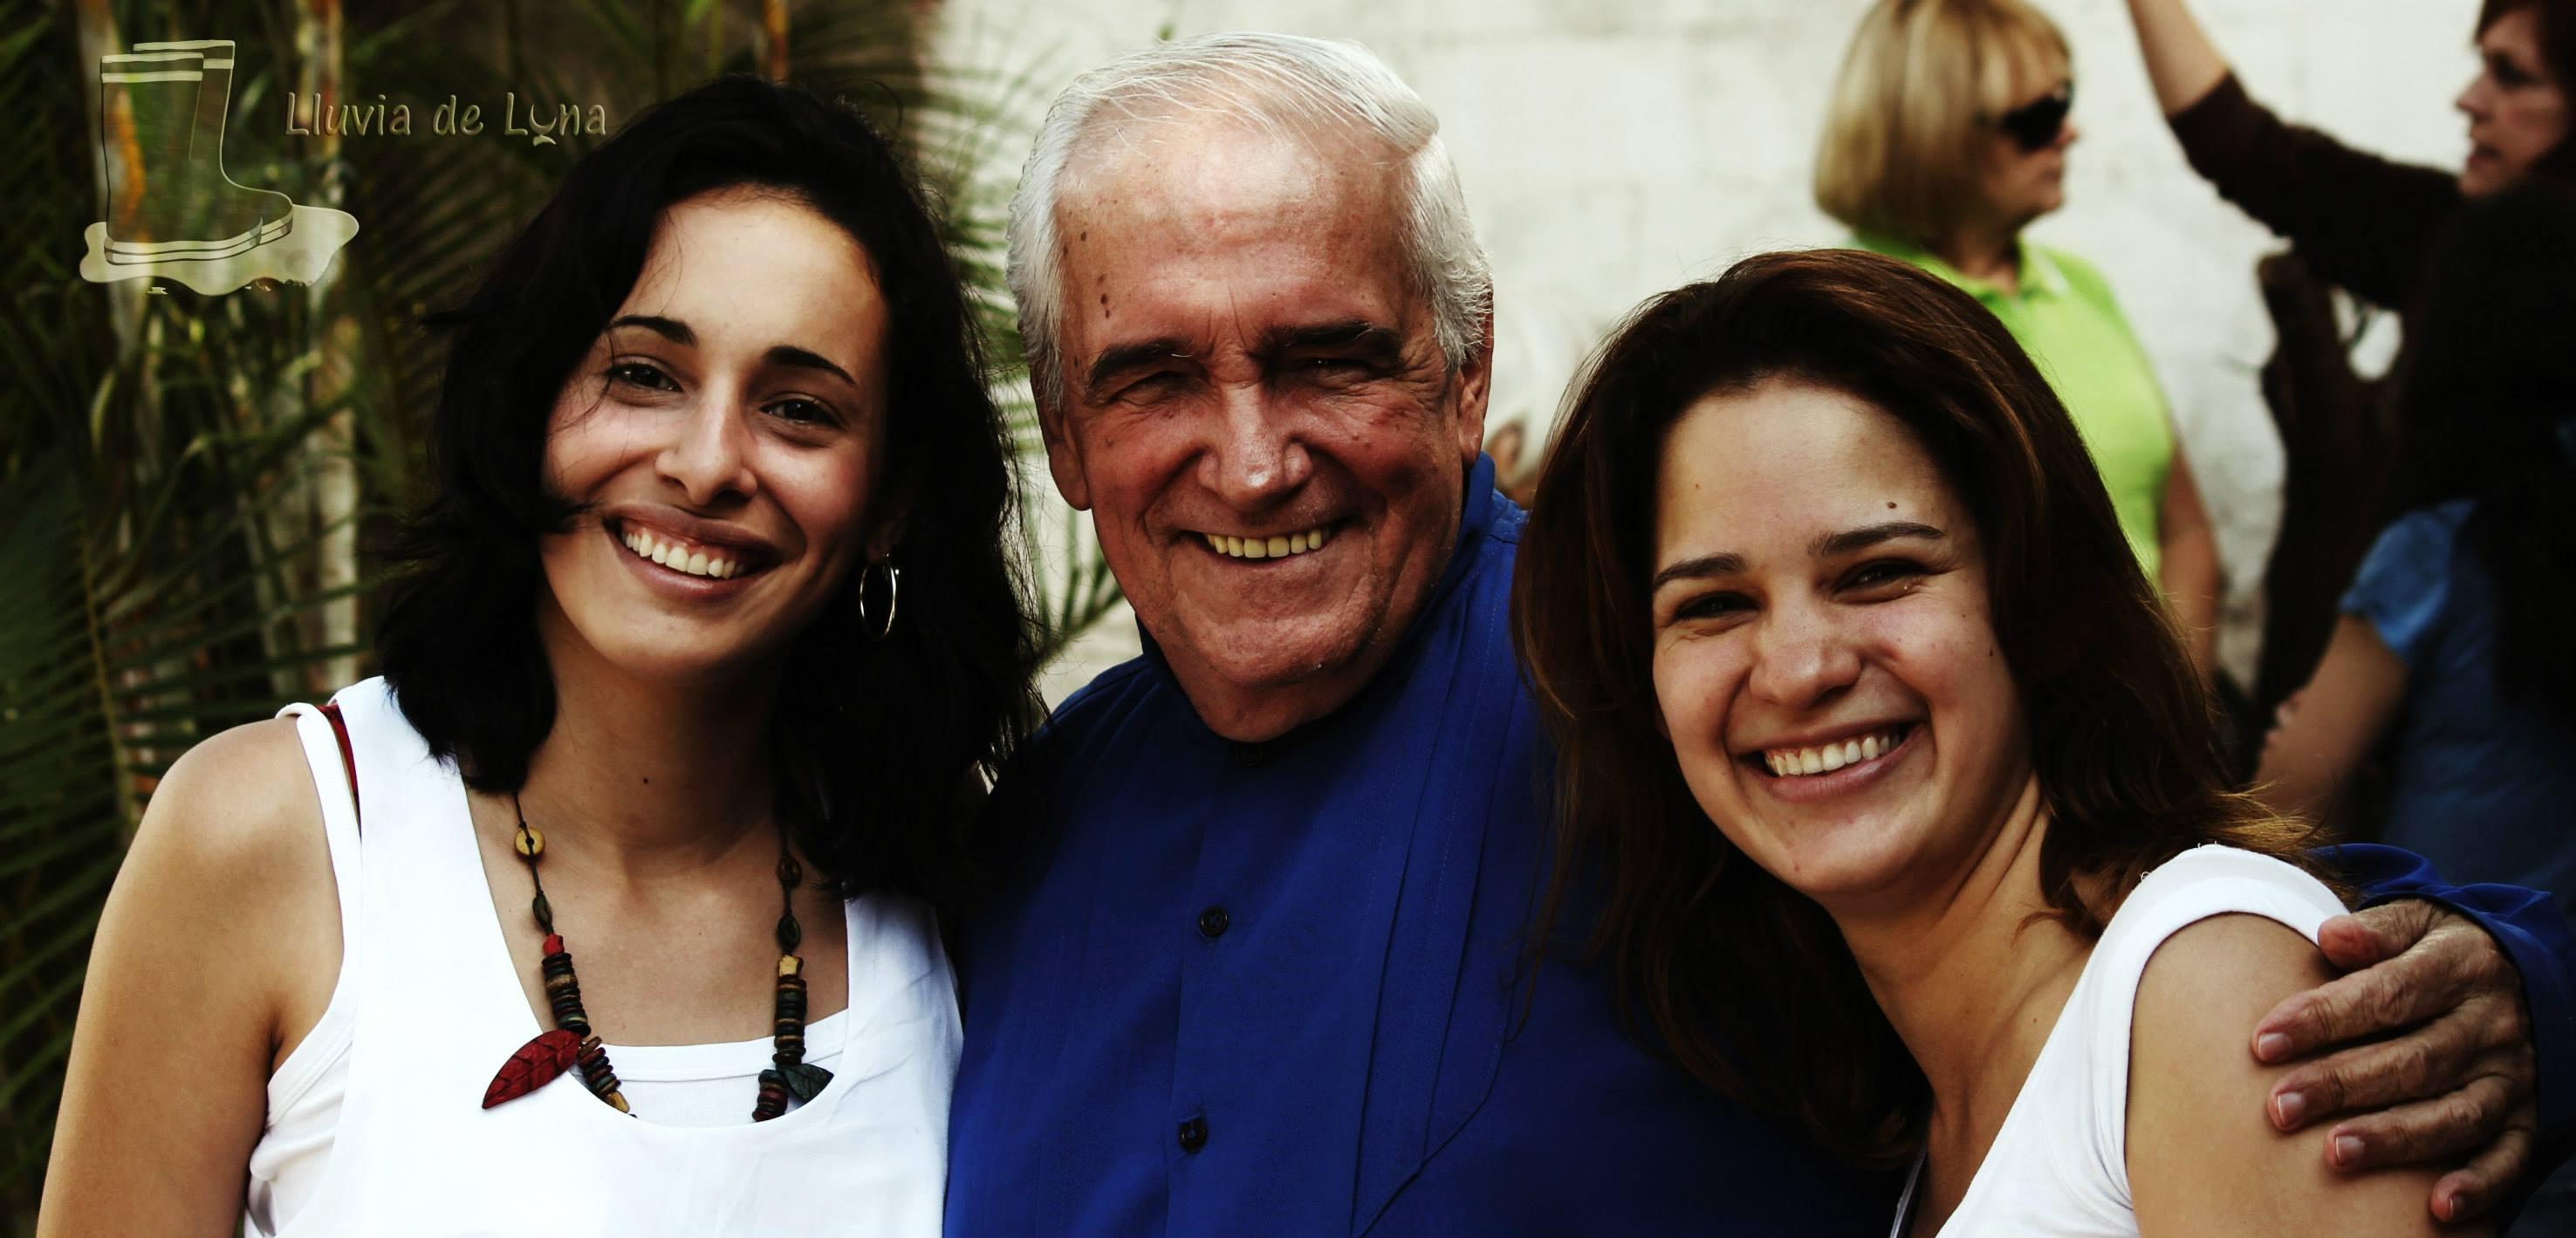 Vane y Ari con Armando Quintero en el estreno de LLuvia de Luna en Caracas-Venezuela. felices y sonrientes despues de finalizar una hermosa actividad de lluvia de luna, Ari y Vane vestidas de blanco y Armando Quintero de Azul.